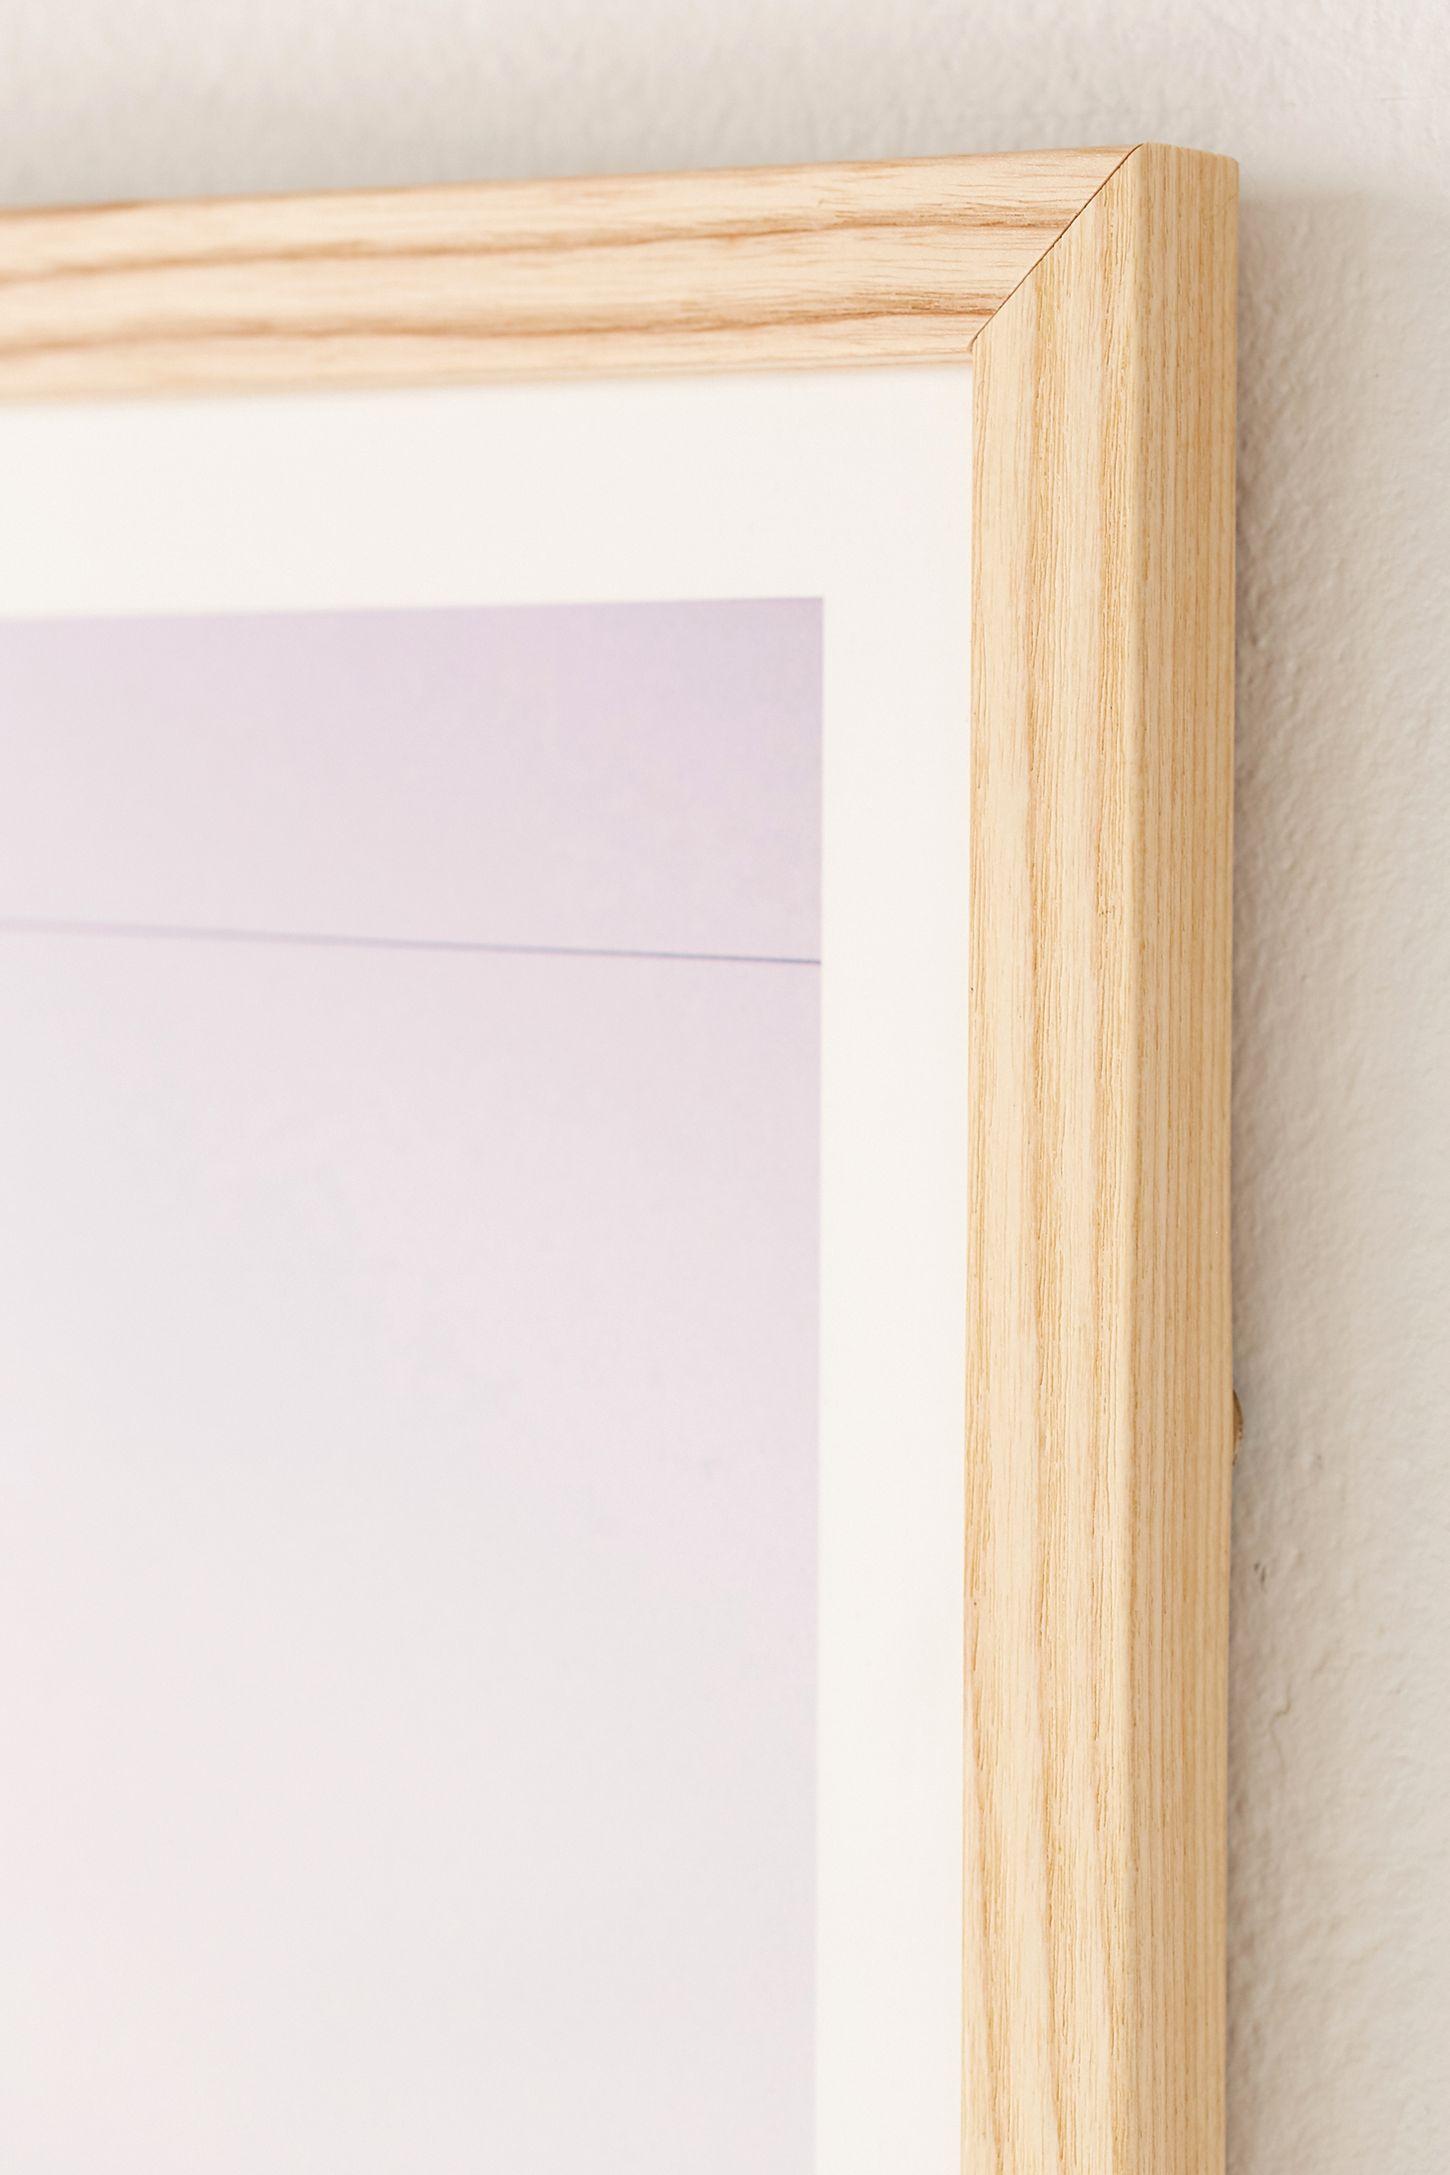 slide view 2 natural wood art print frame - Natural Wood Frame